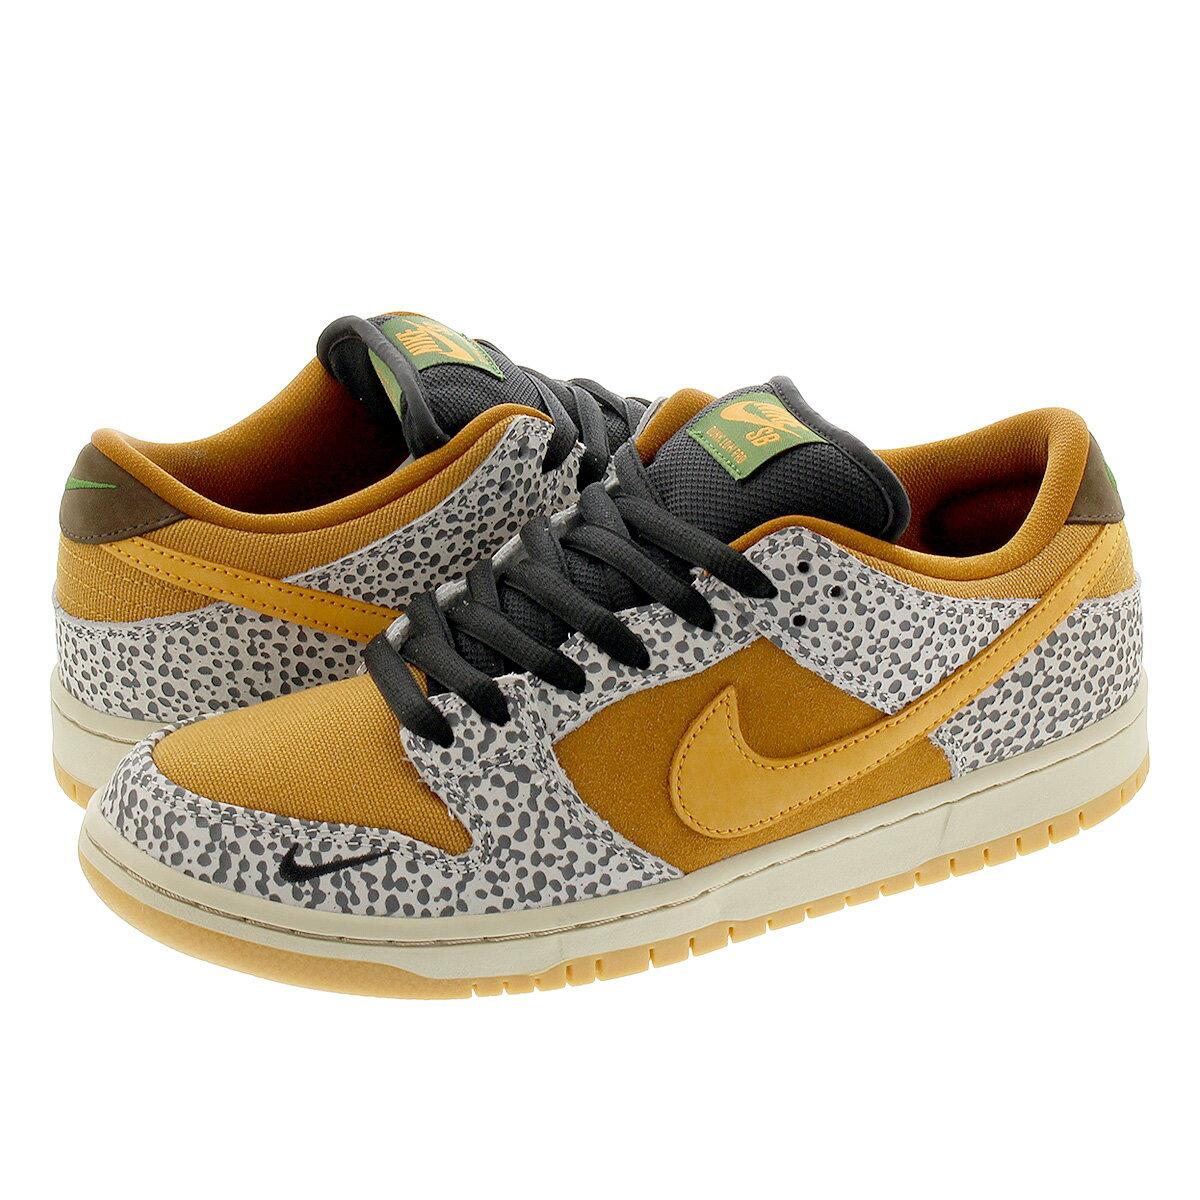 メンズ靴, スニーカー  NIKE SB DUNK LOW PRO ISO SAFARI SB ISO NEUTRAL GREYKUMQUATDESERT OCHRE cd2563-002